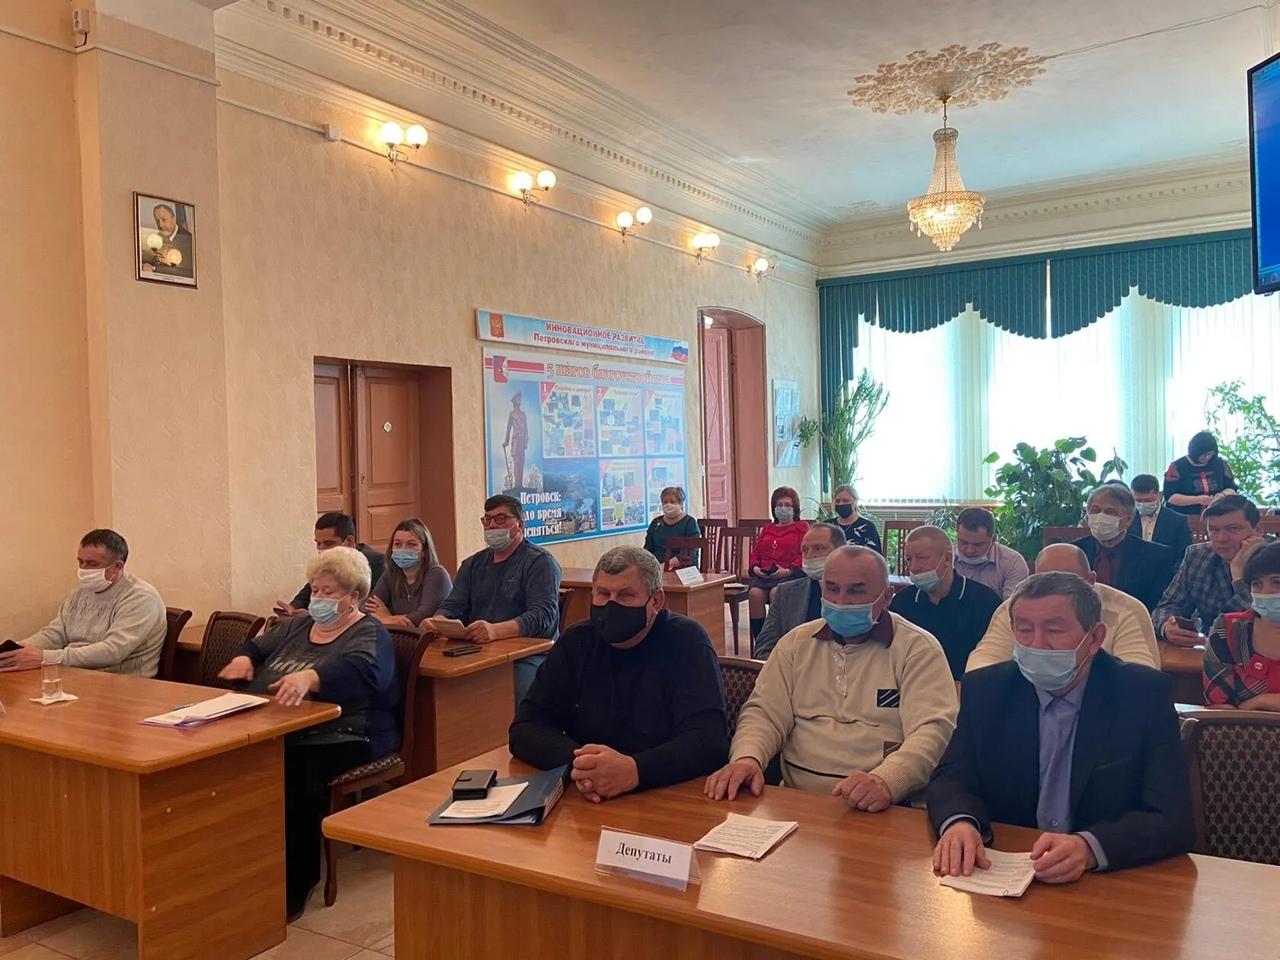 Глава Петровского района Денис ФАДЕЕВ выступил перед депутатами городского Совета и районного Собрания с отчётом о результатах своей деятельности